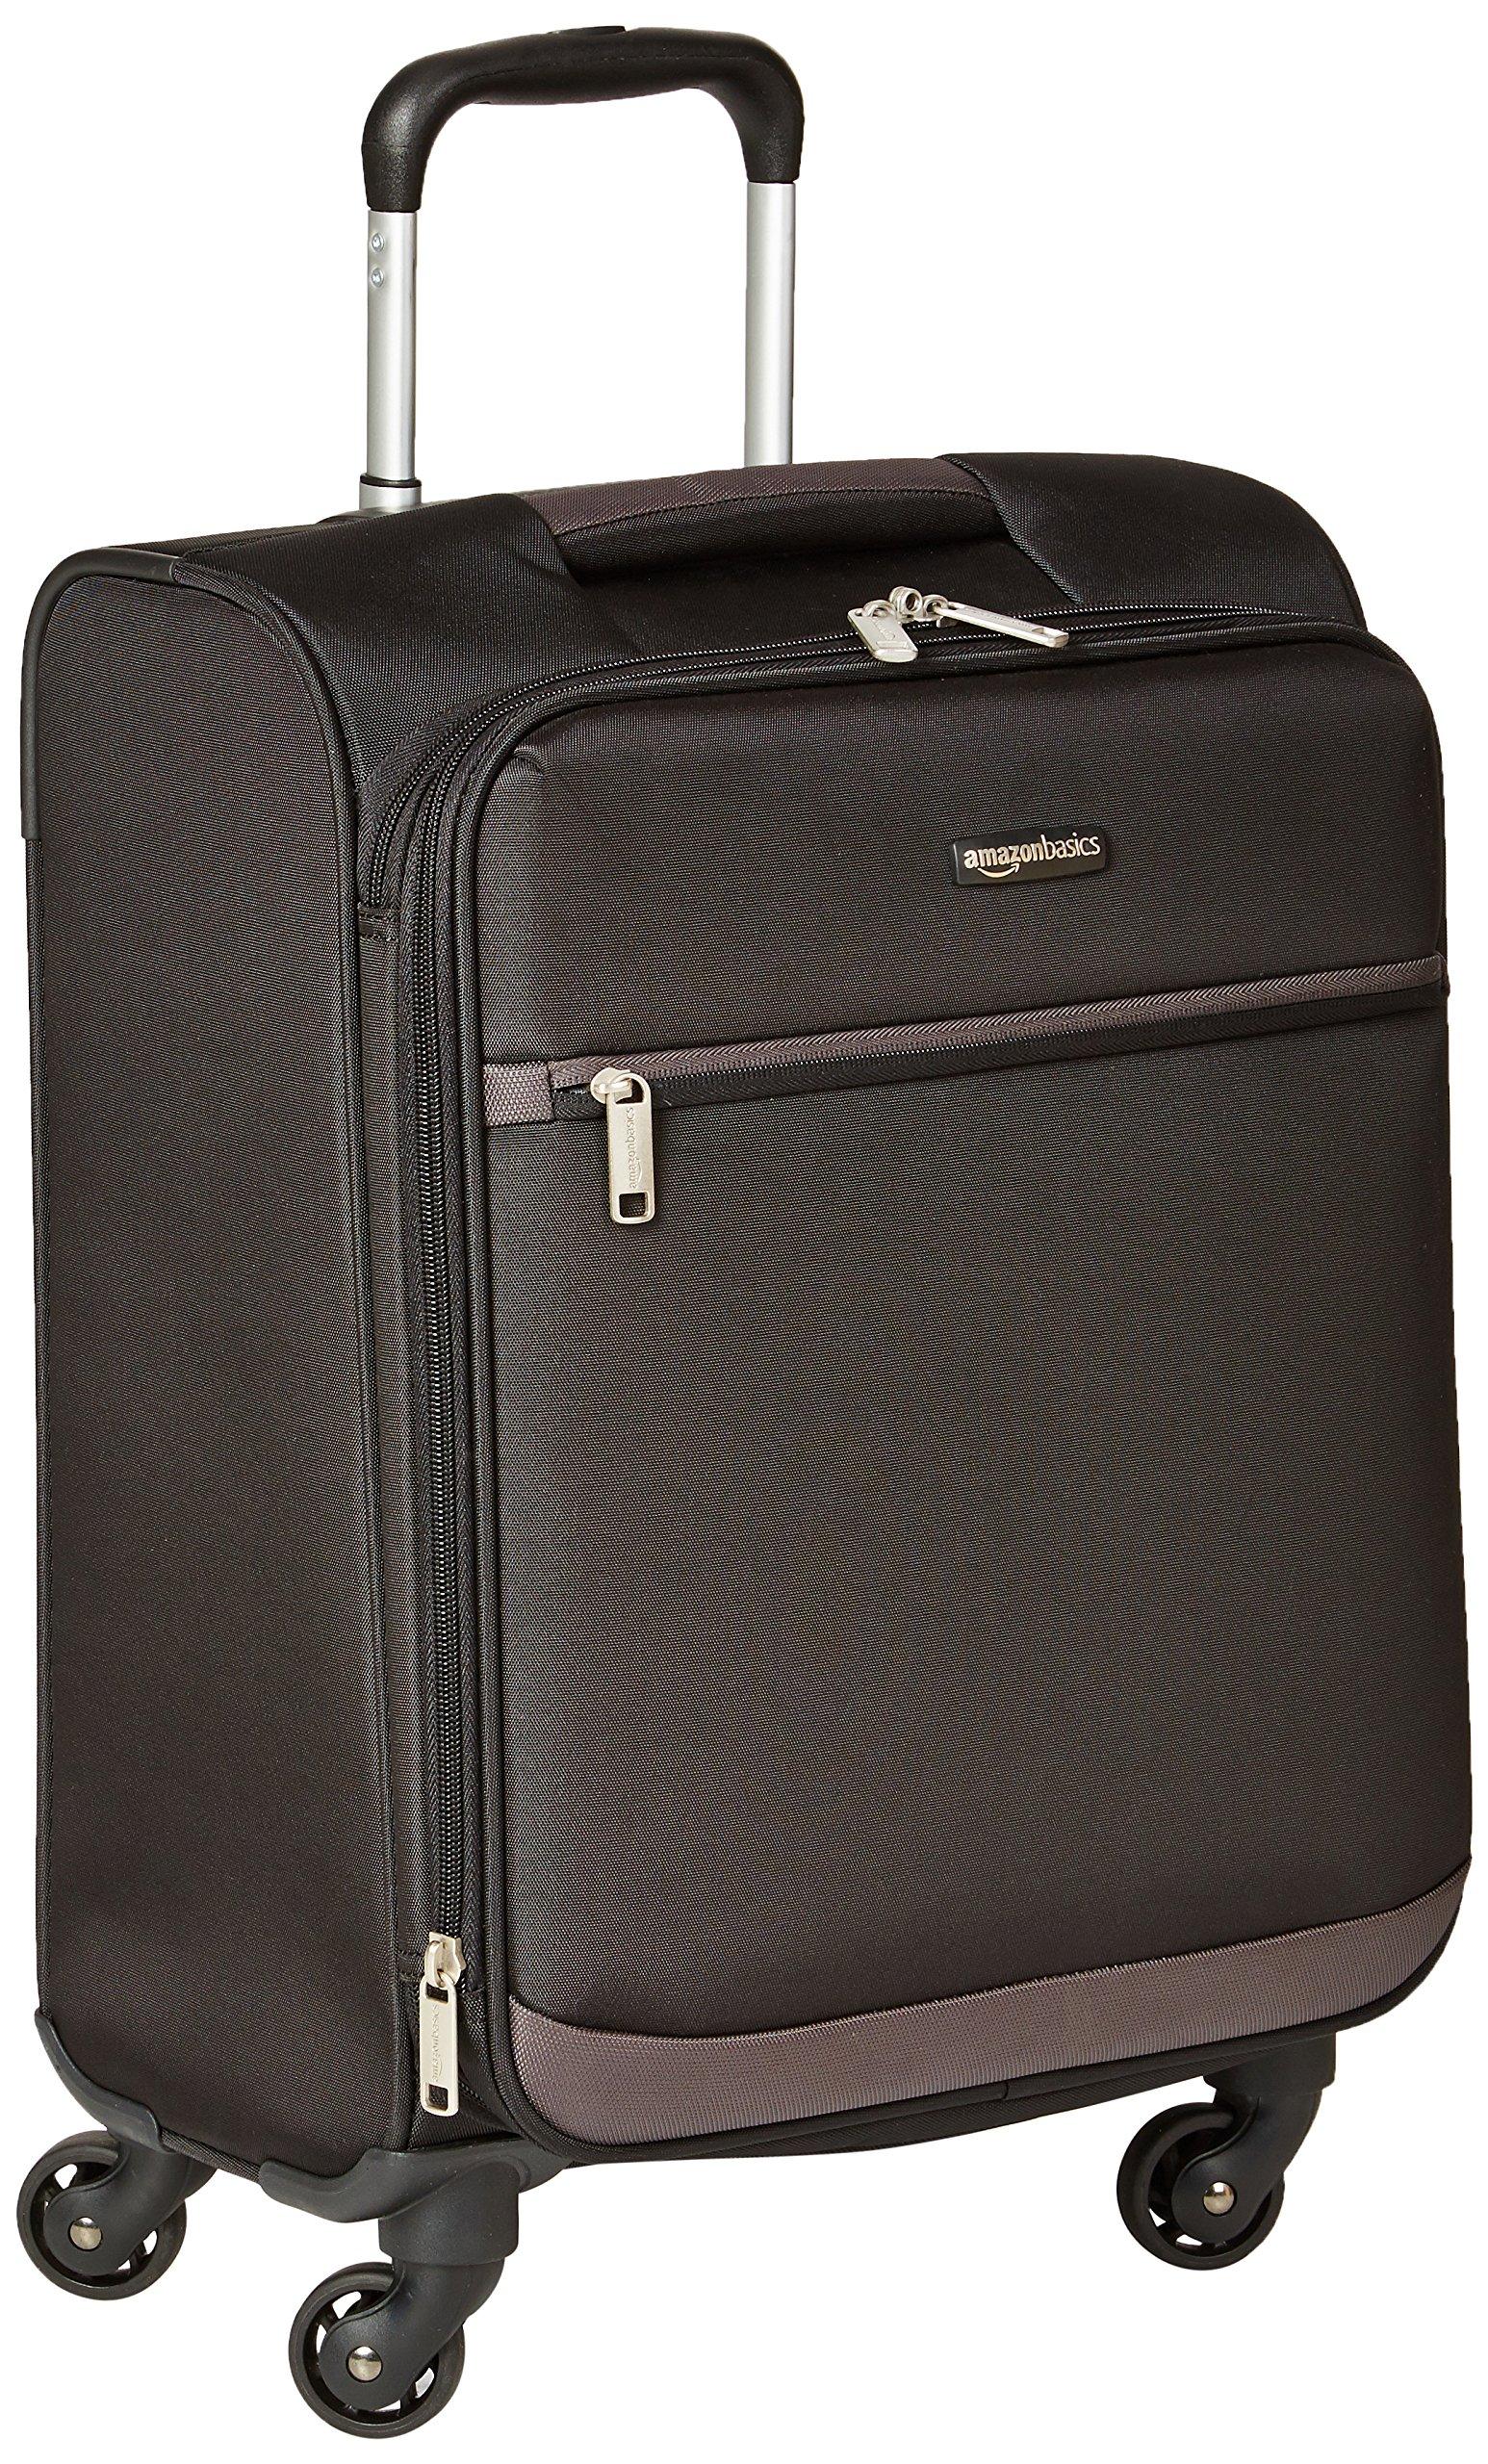 AmazonBasics Softside Spinner Luggage - 21-inch, Carry-on/Cabin Size, Black by AmazonBasics